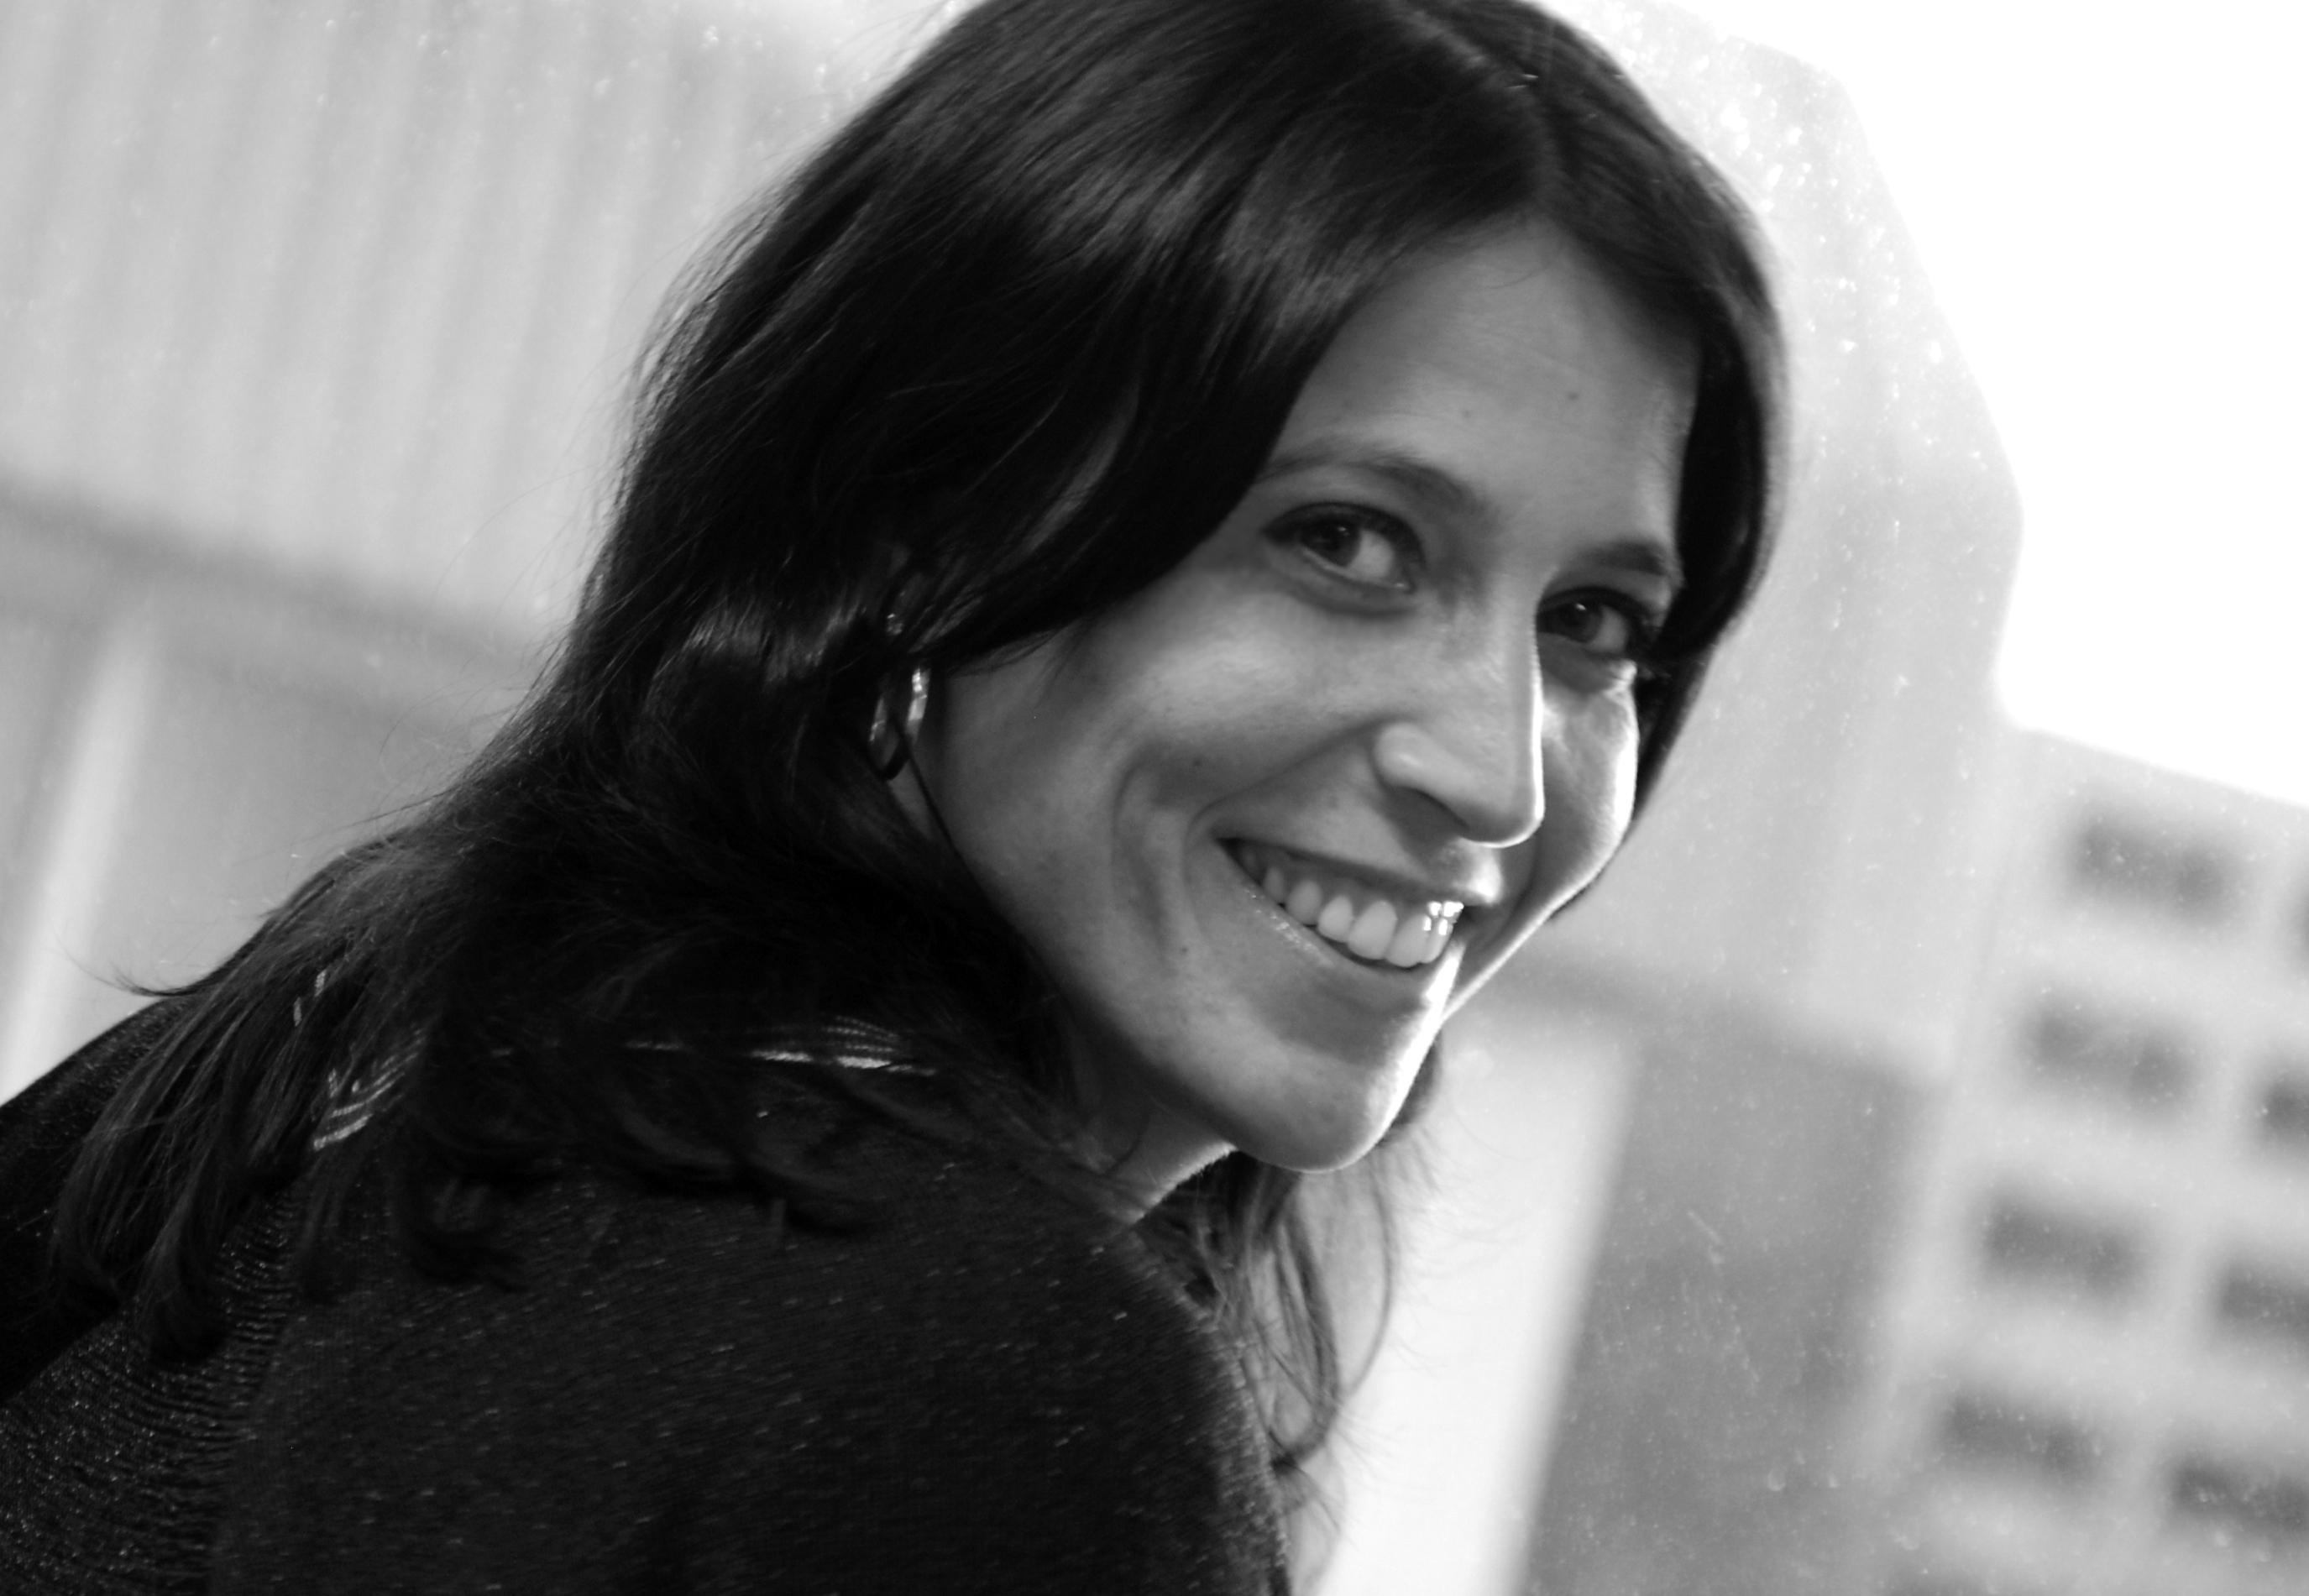 Nanda Bechtholt